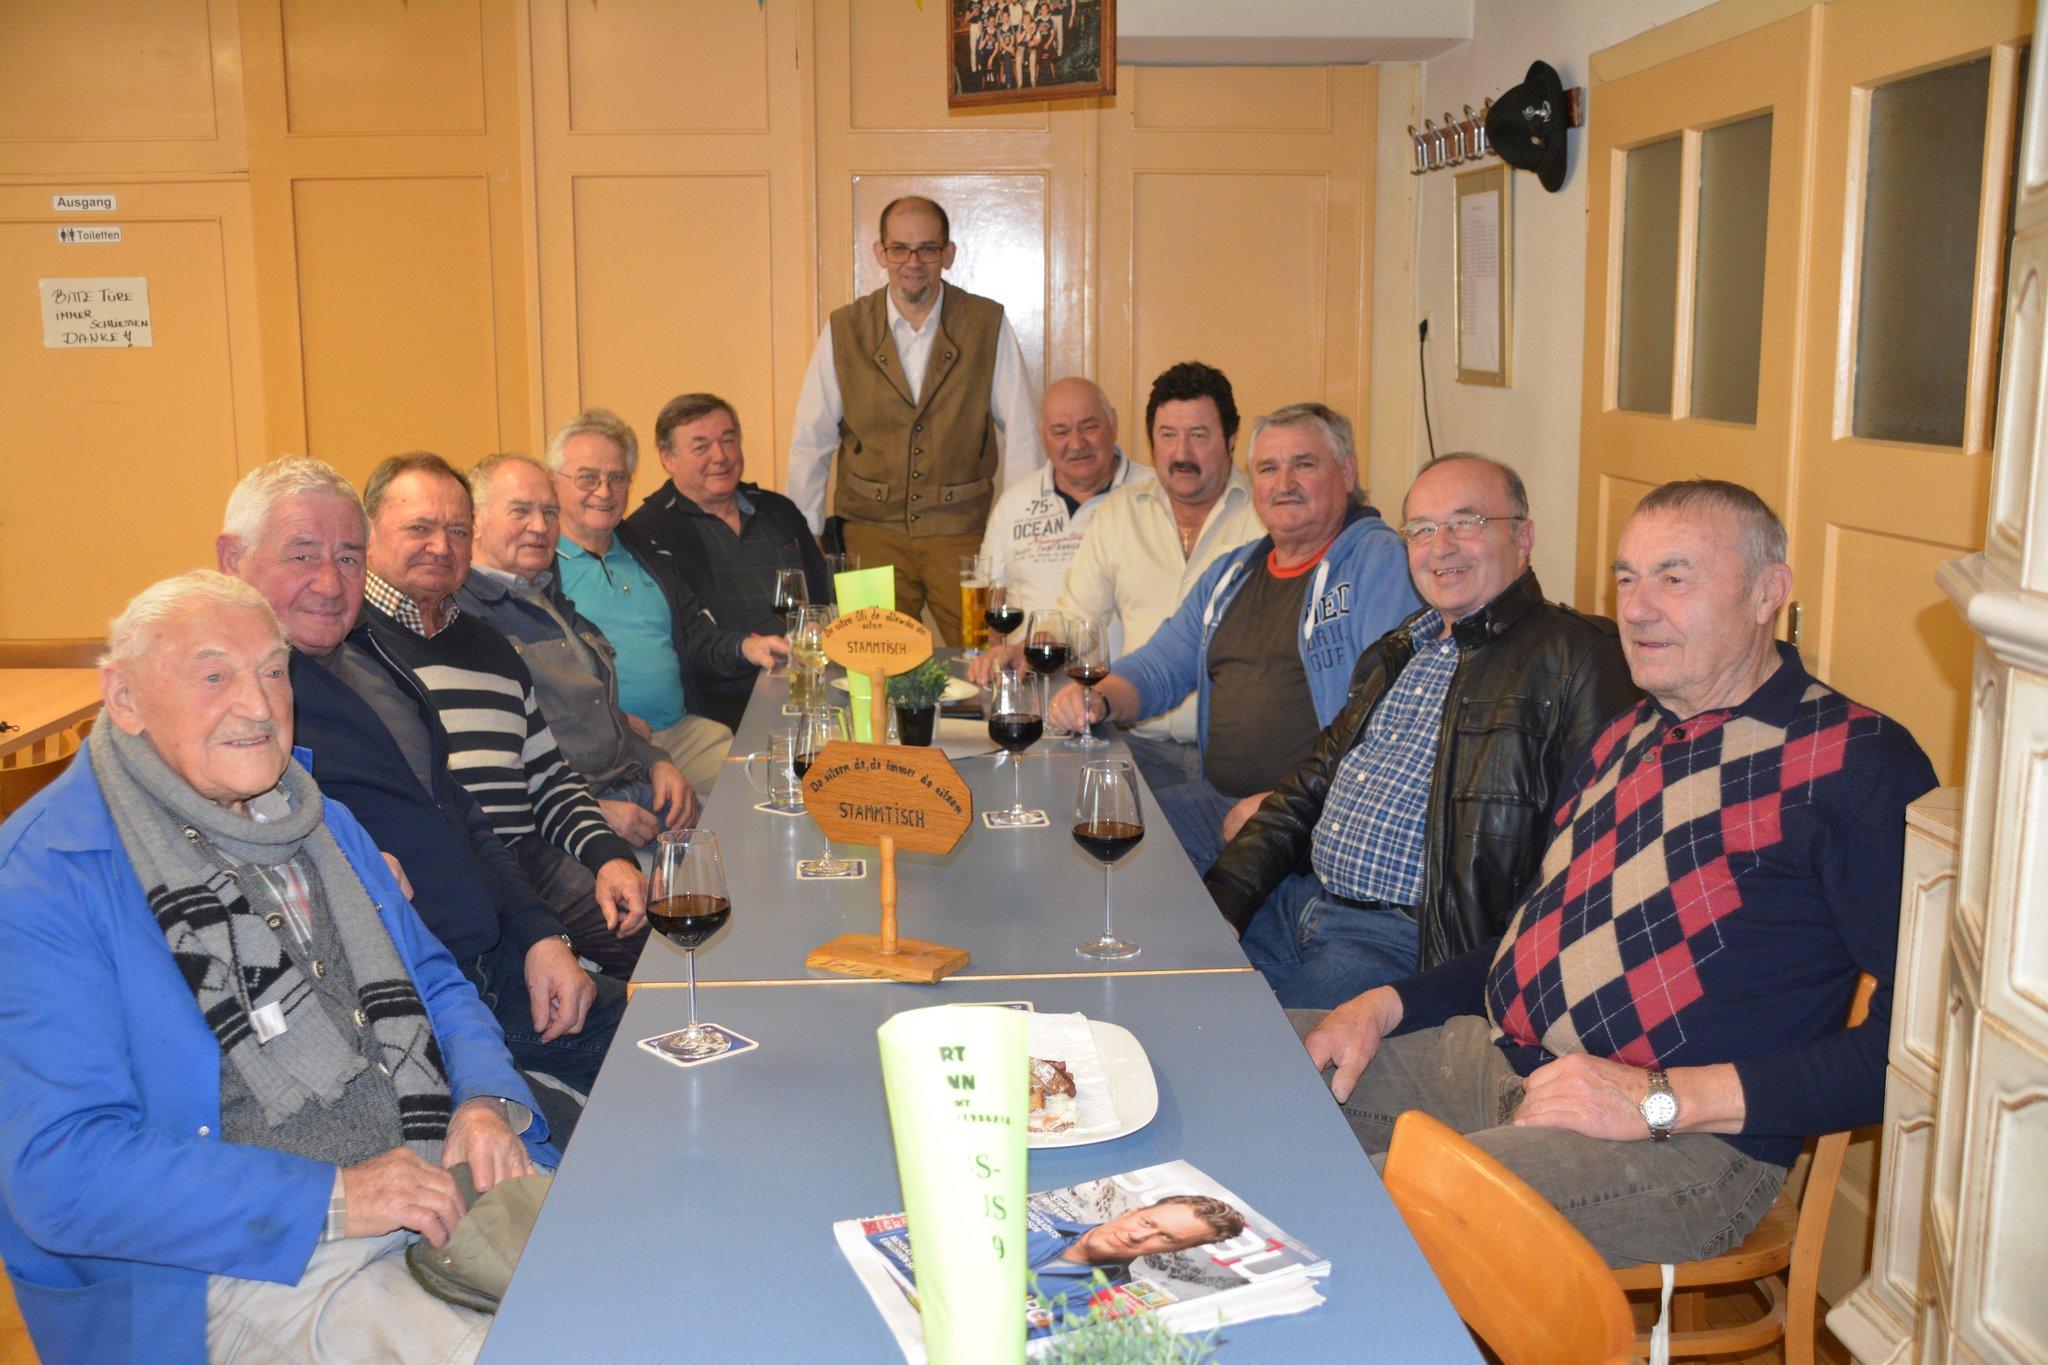 Unser Stammtisch Burgenland in Burgenland - Thema auf